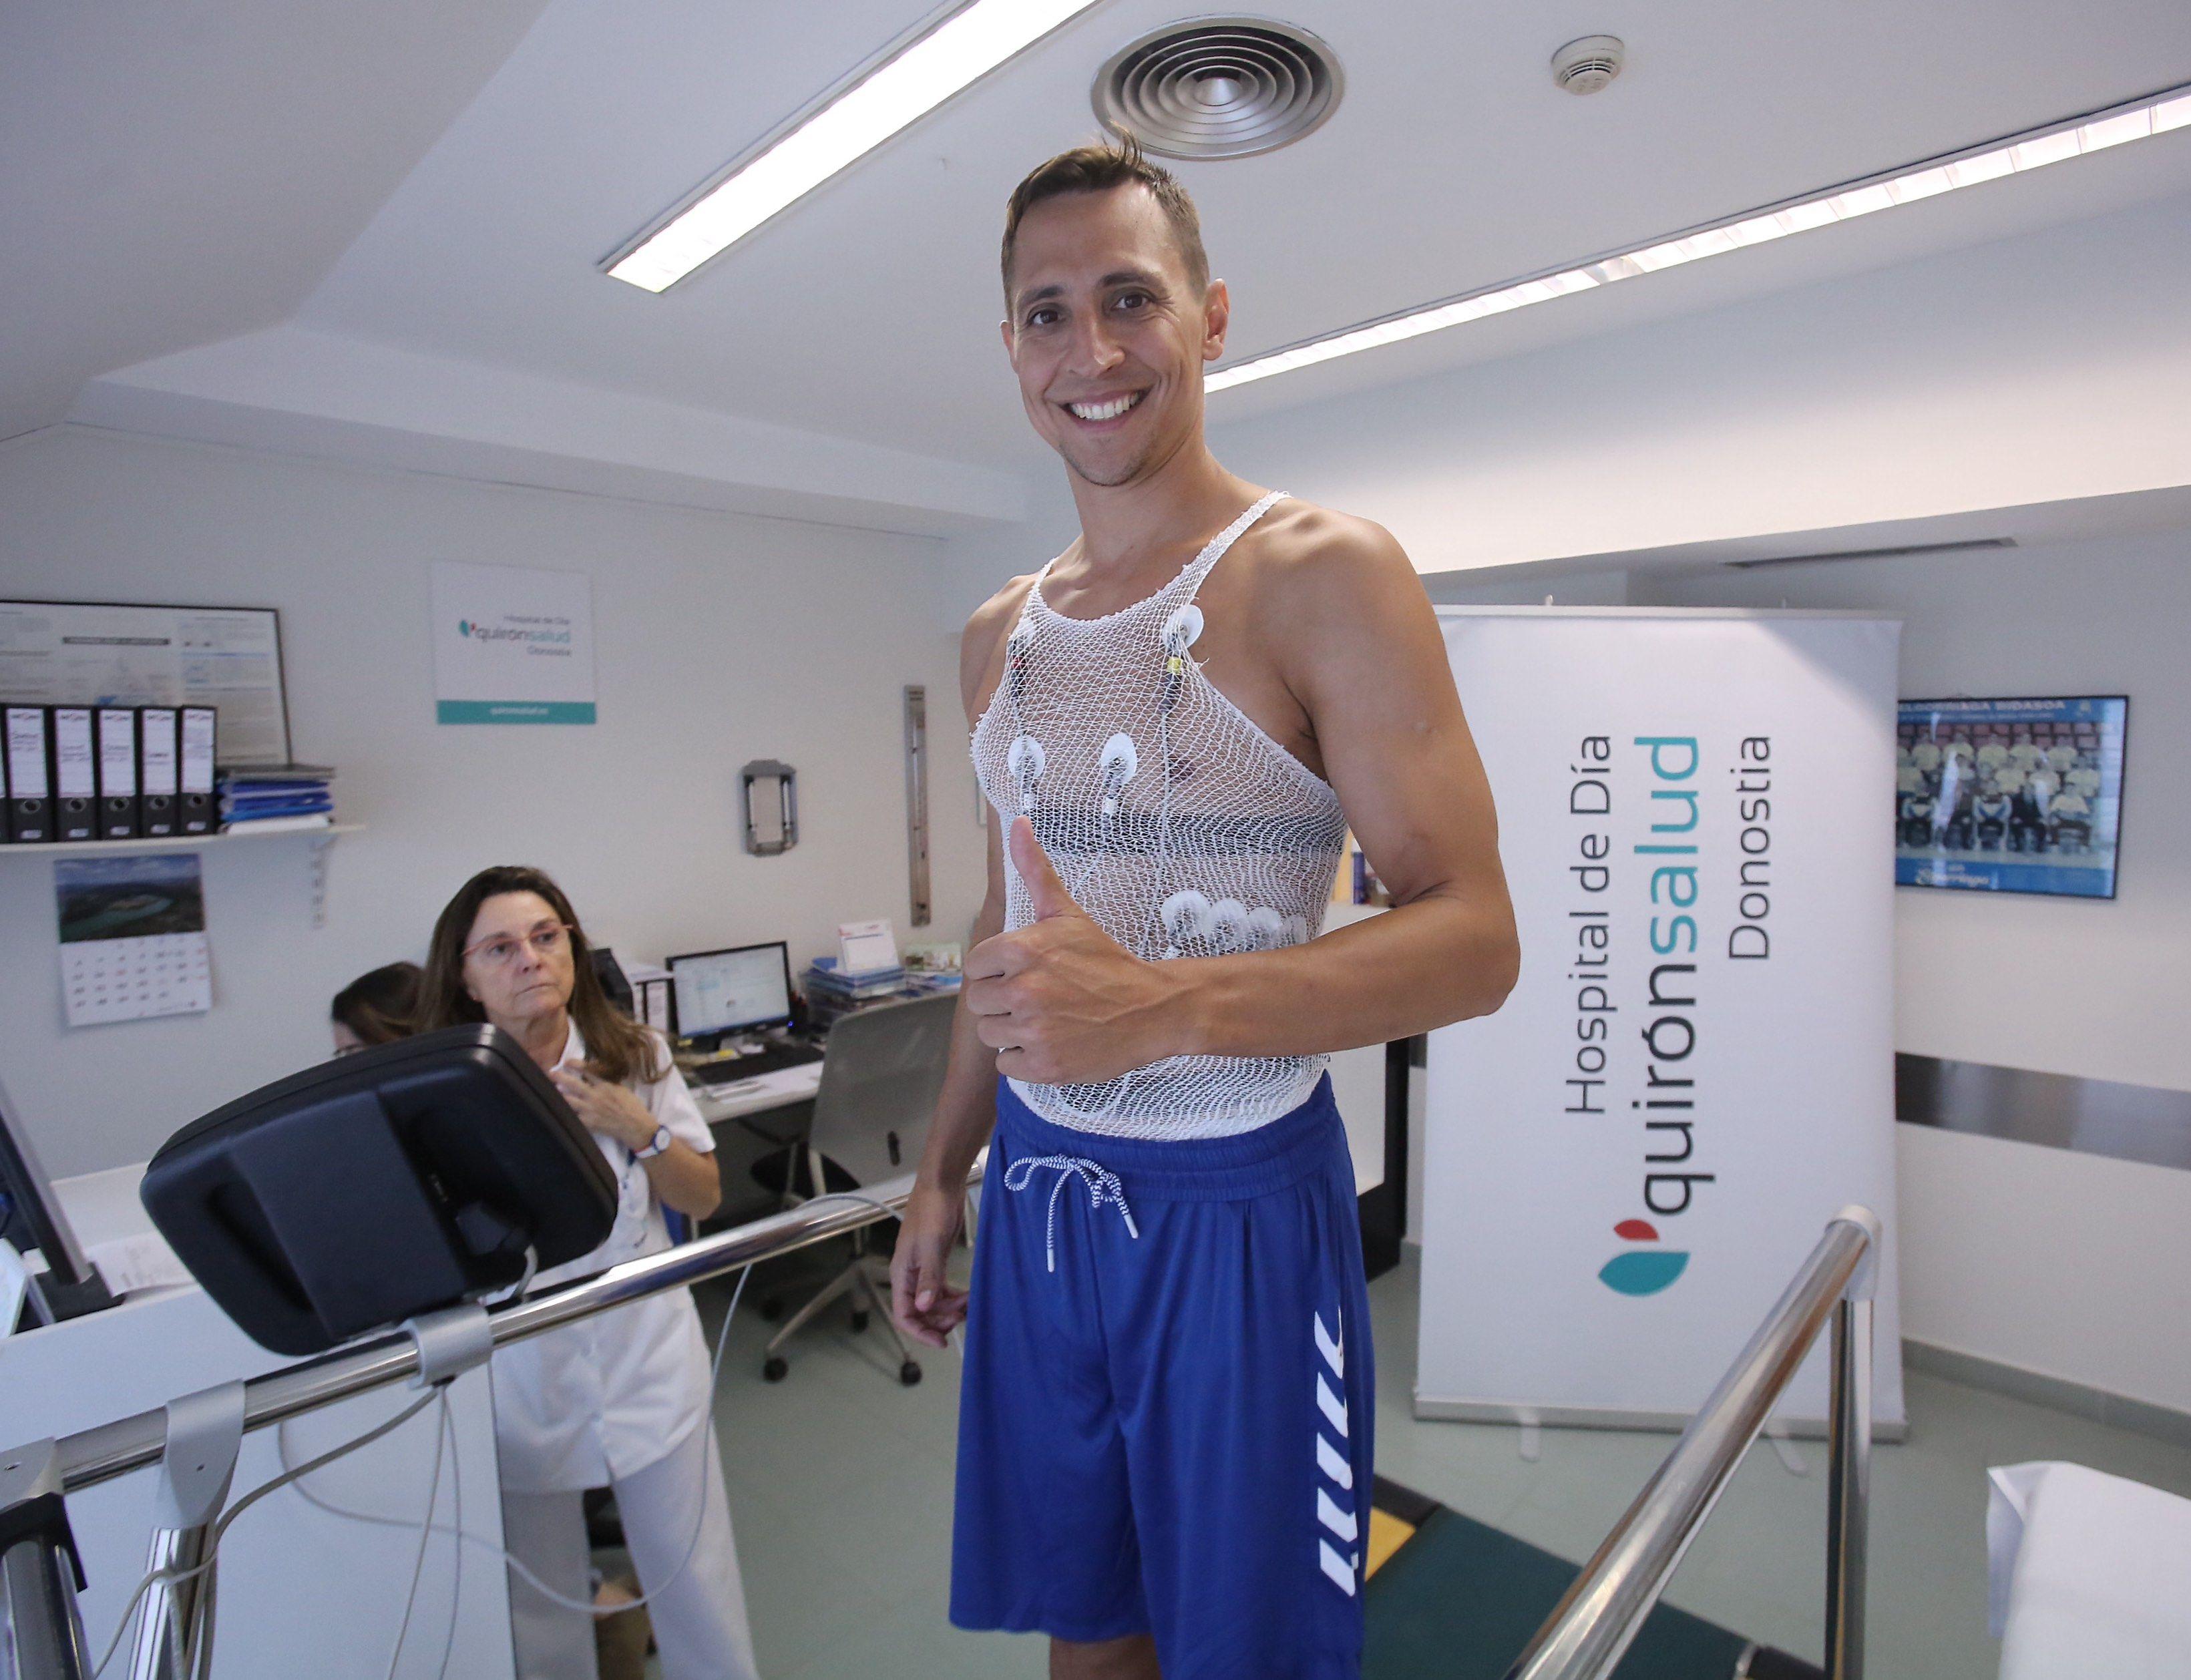 Foto de Fede Van Lacke, jugador del GBC, antes de realizar su prueba